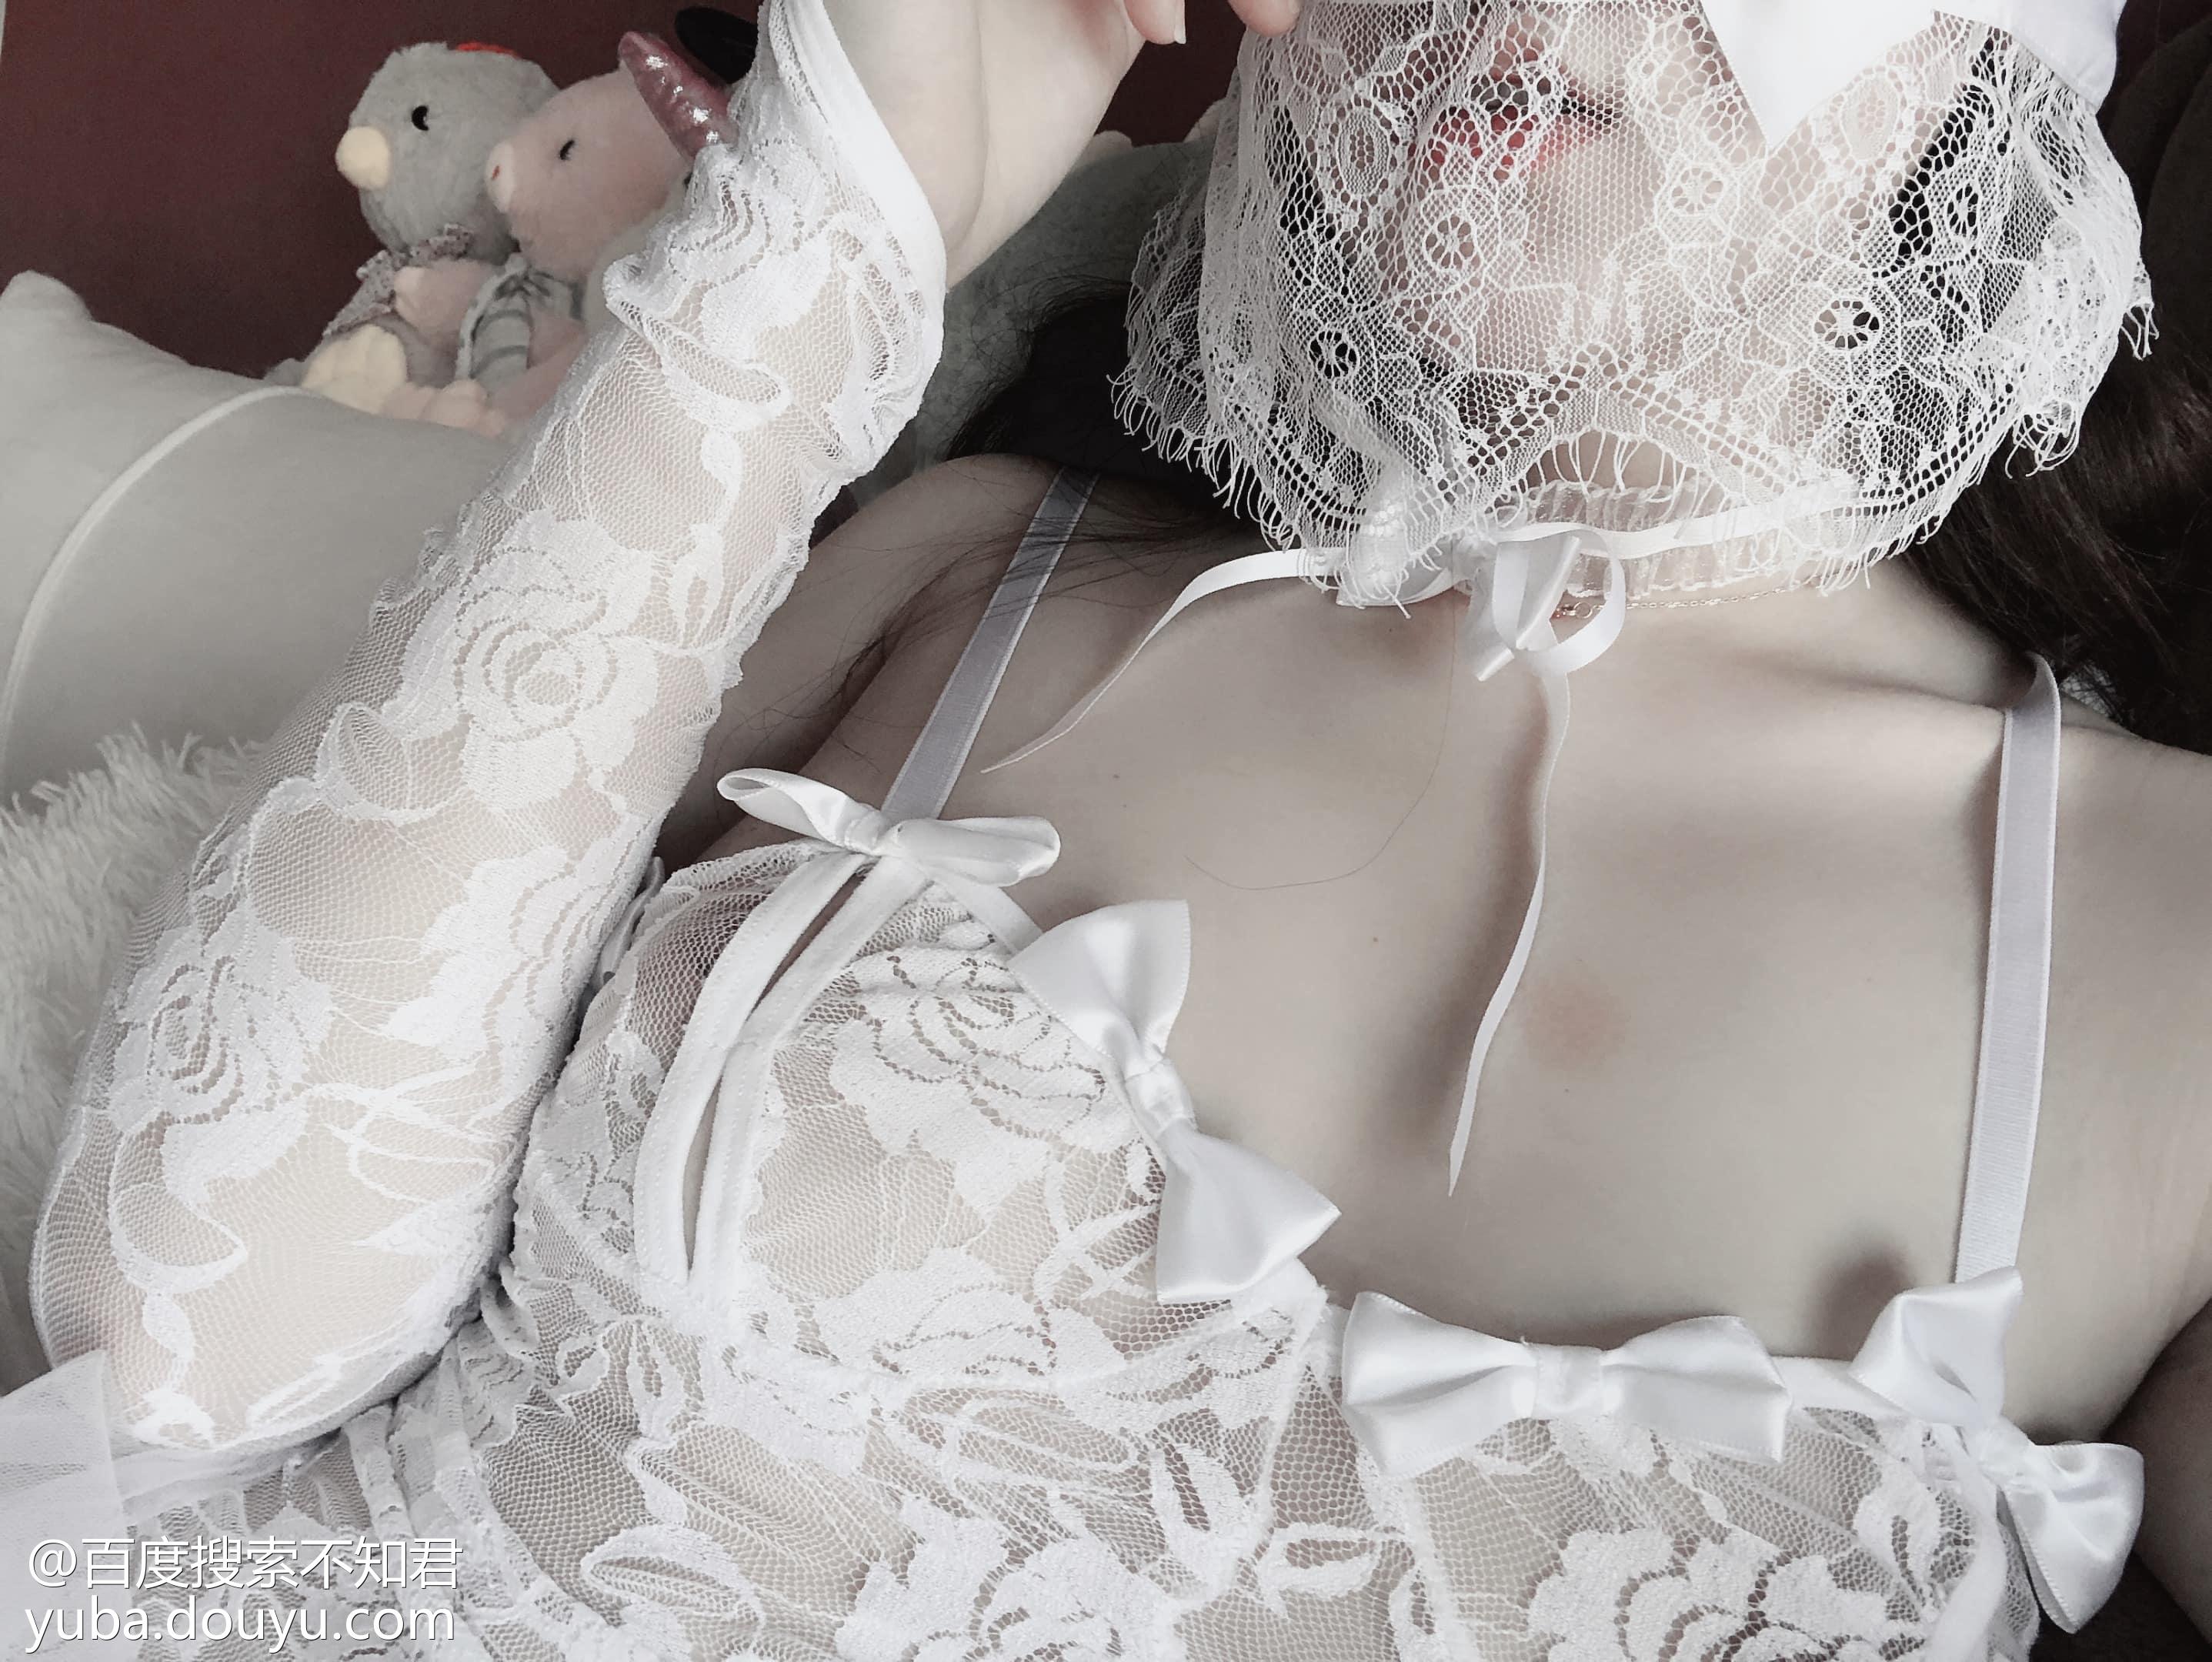 惡犬小姐姐 – 新娘装 33P